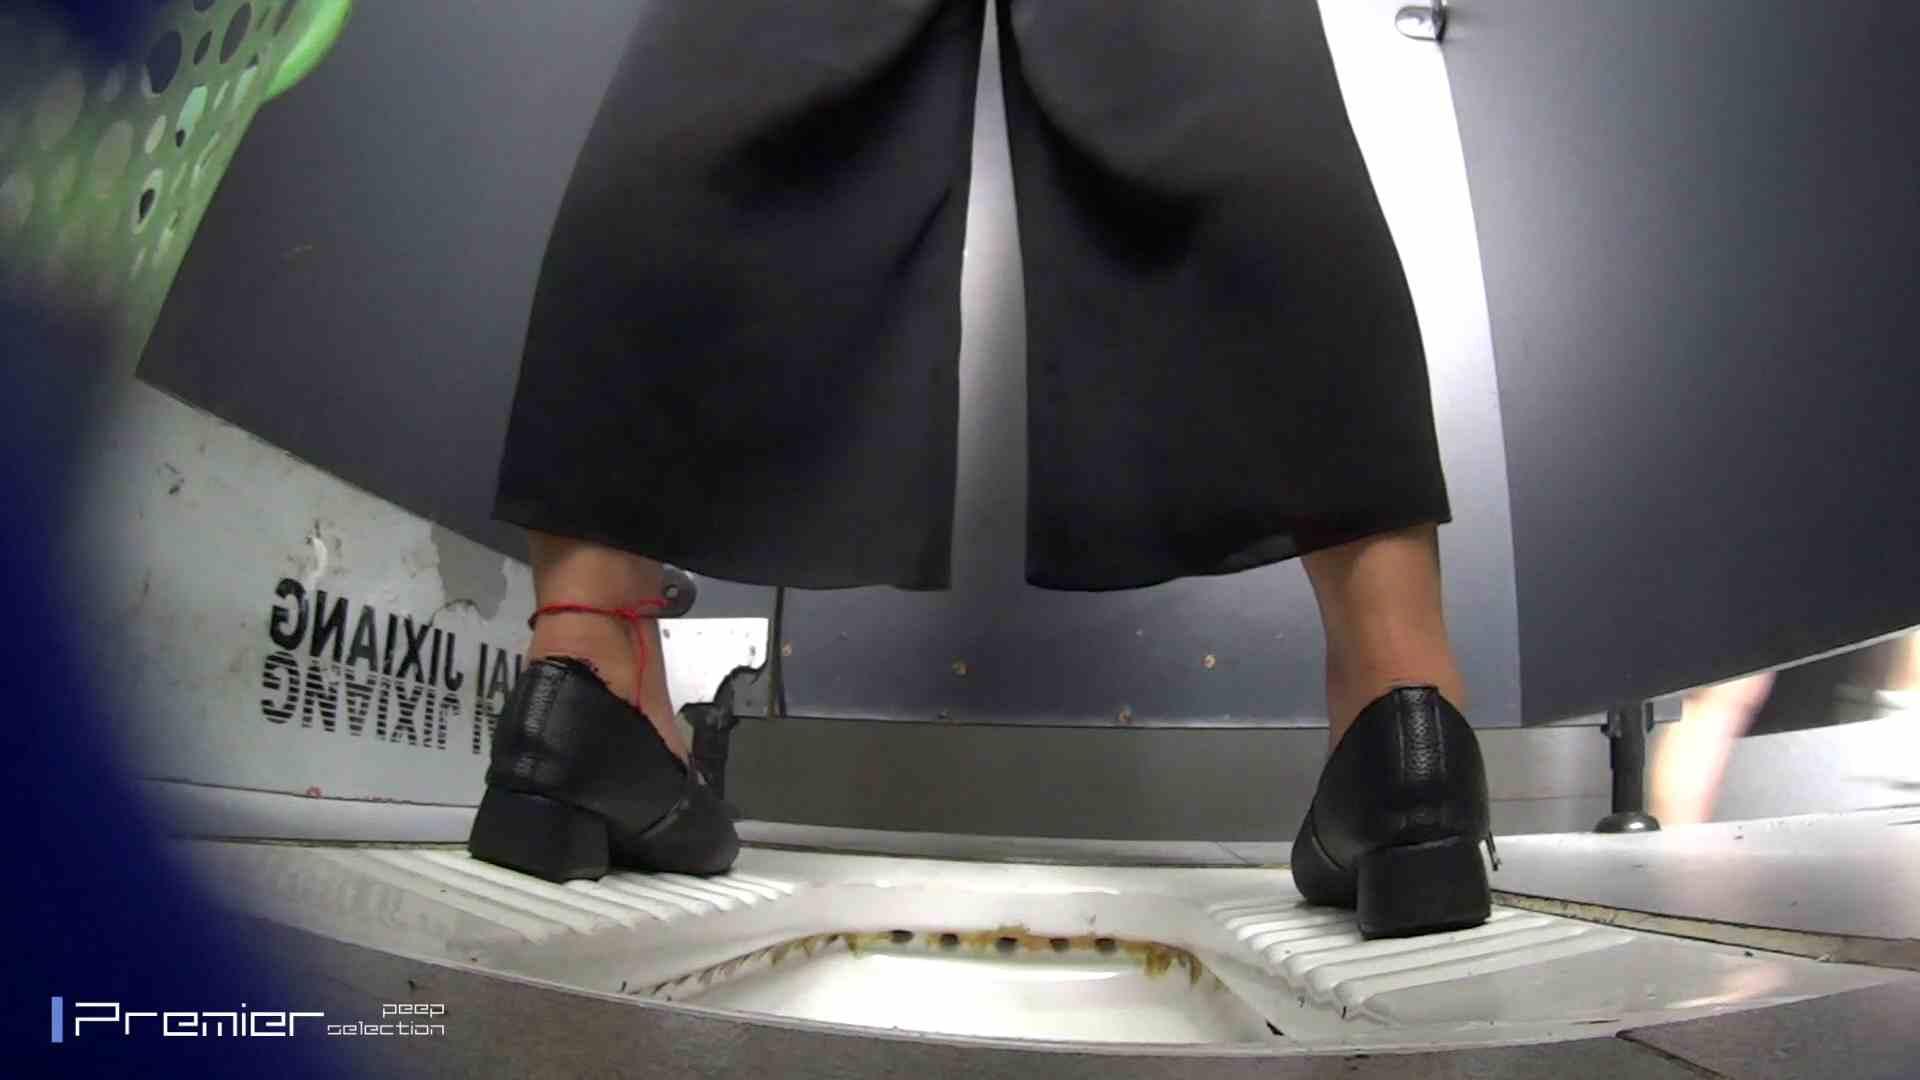 夏全開!ハーフパンツのギャル達 大学休憩時間の洗面所事情44 盗撮  70PIX 10